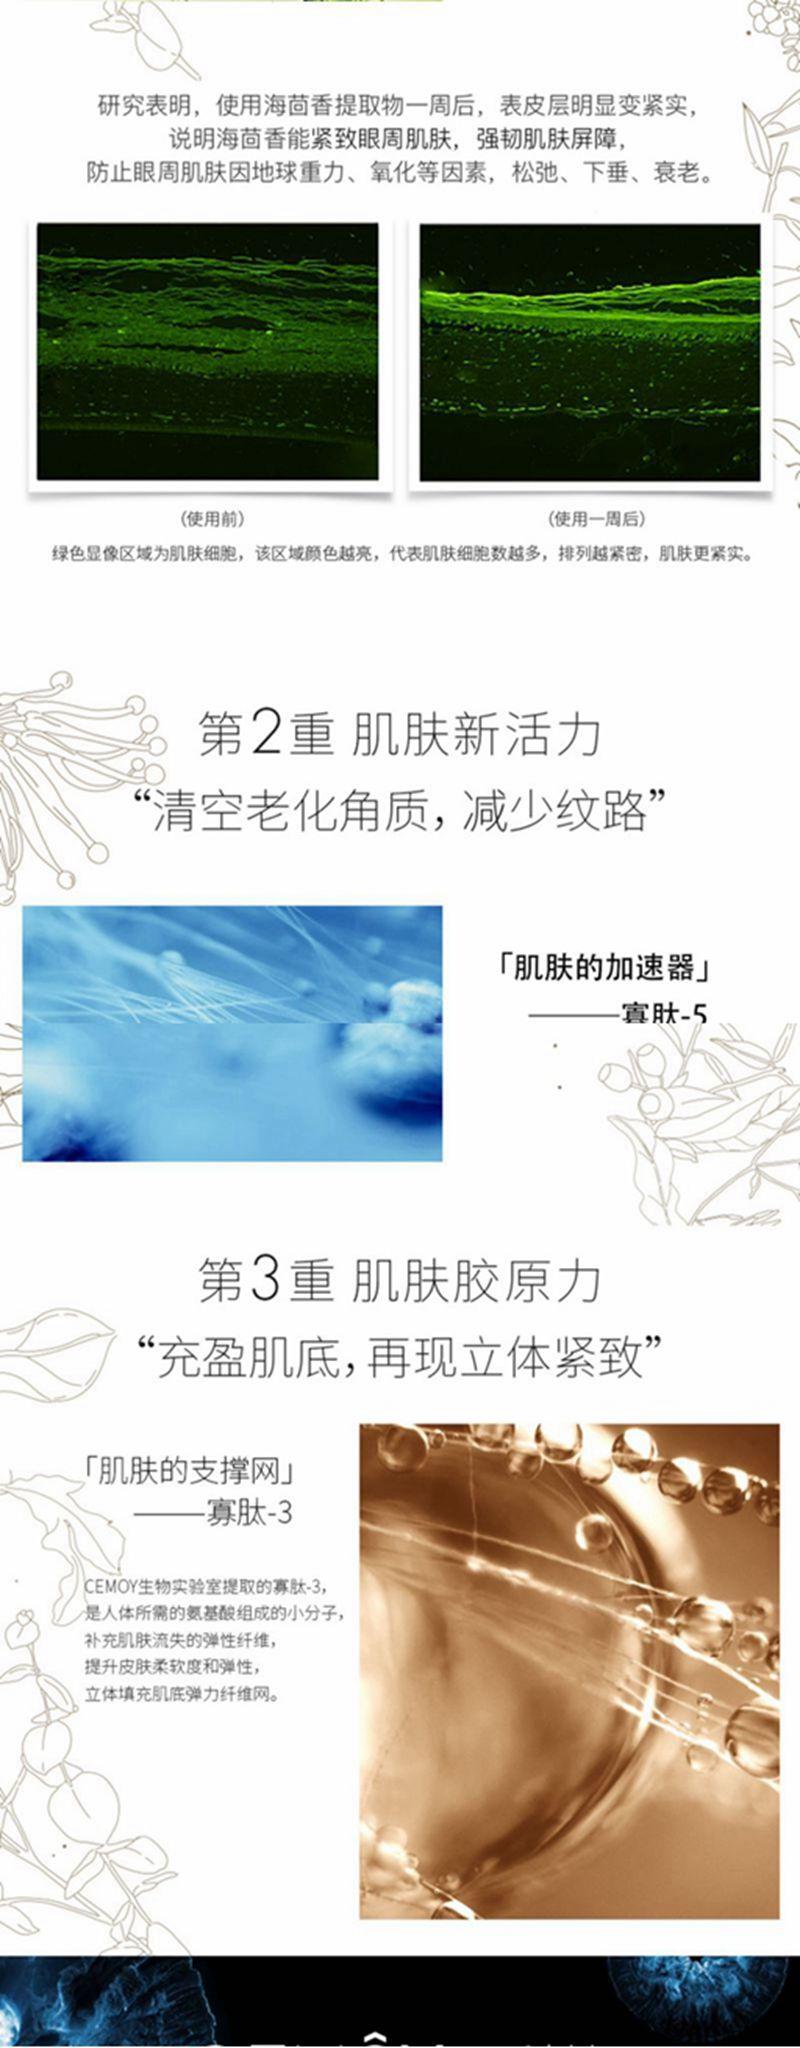 Cemoy4D反重力飞碟眼霜带走重力纹 功效